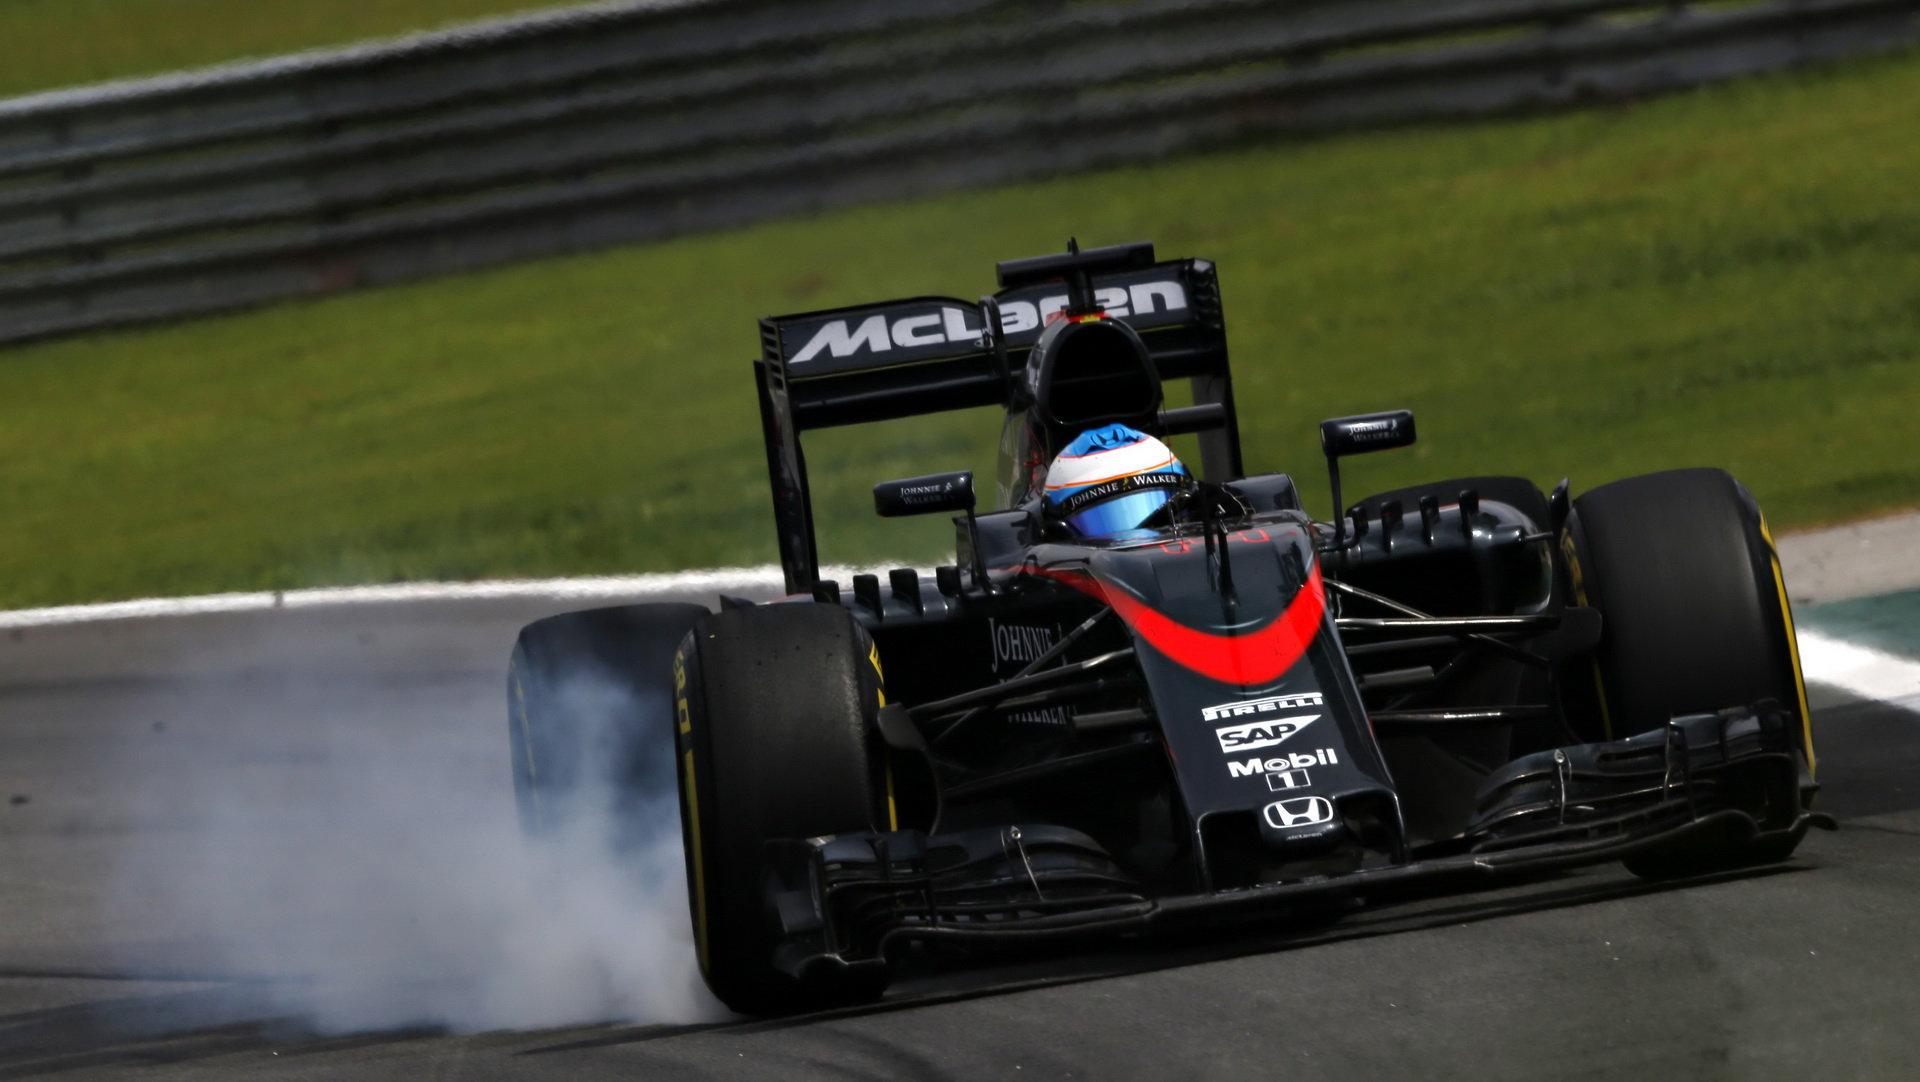 Jízdní styl Alonsa a Hamiltona: Jak se hvězdy F1 liší při brzdění? - anotační obrázek